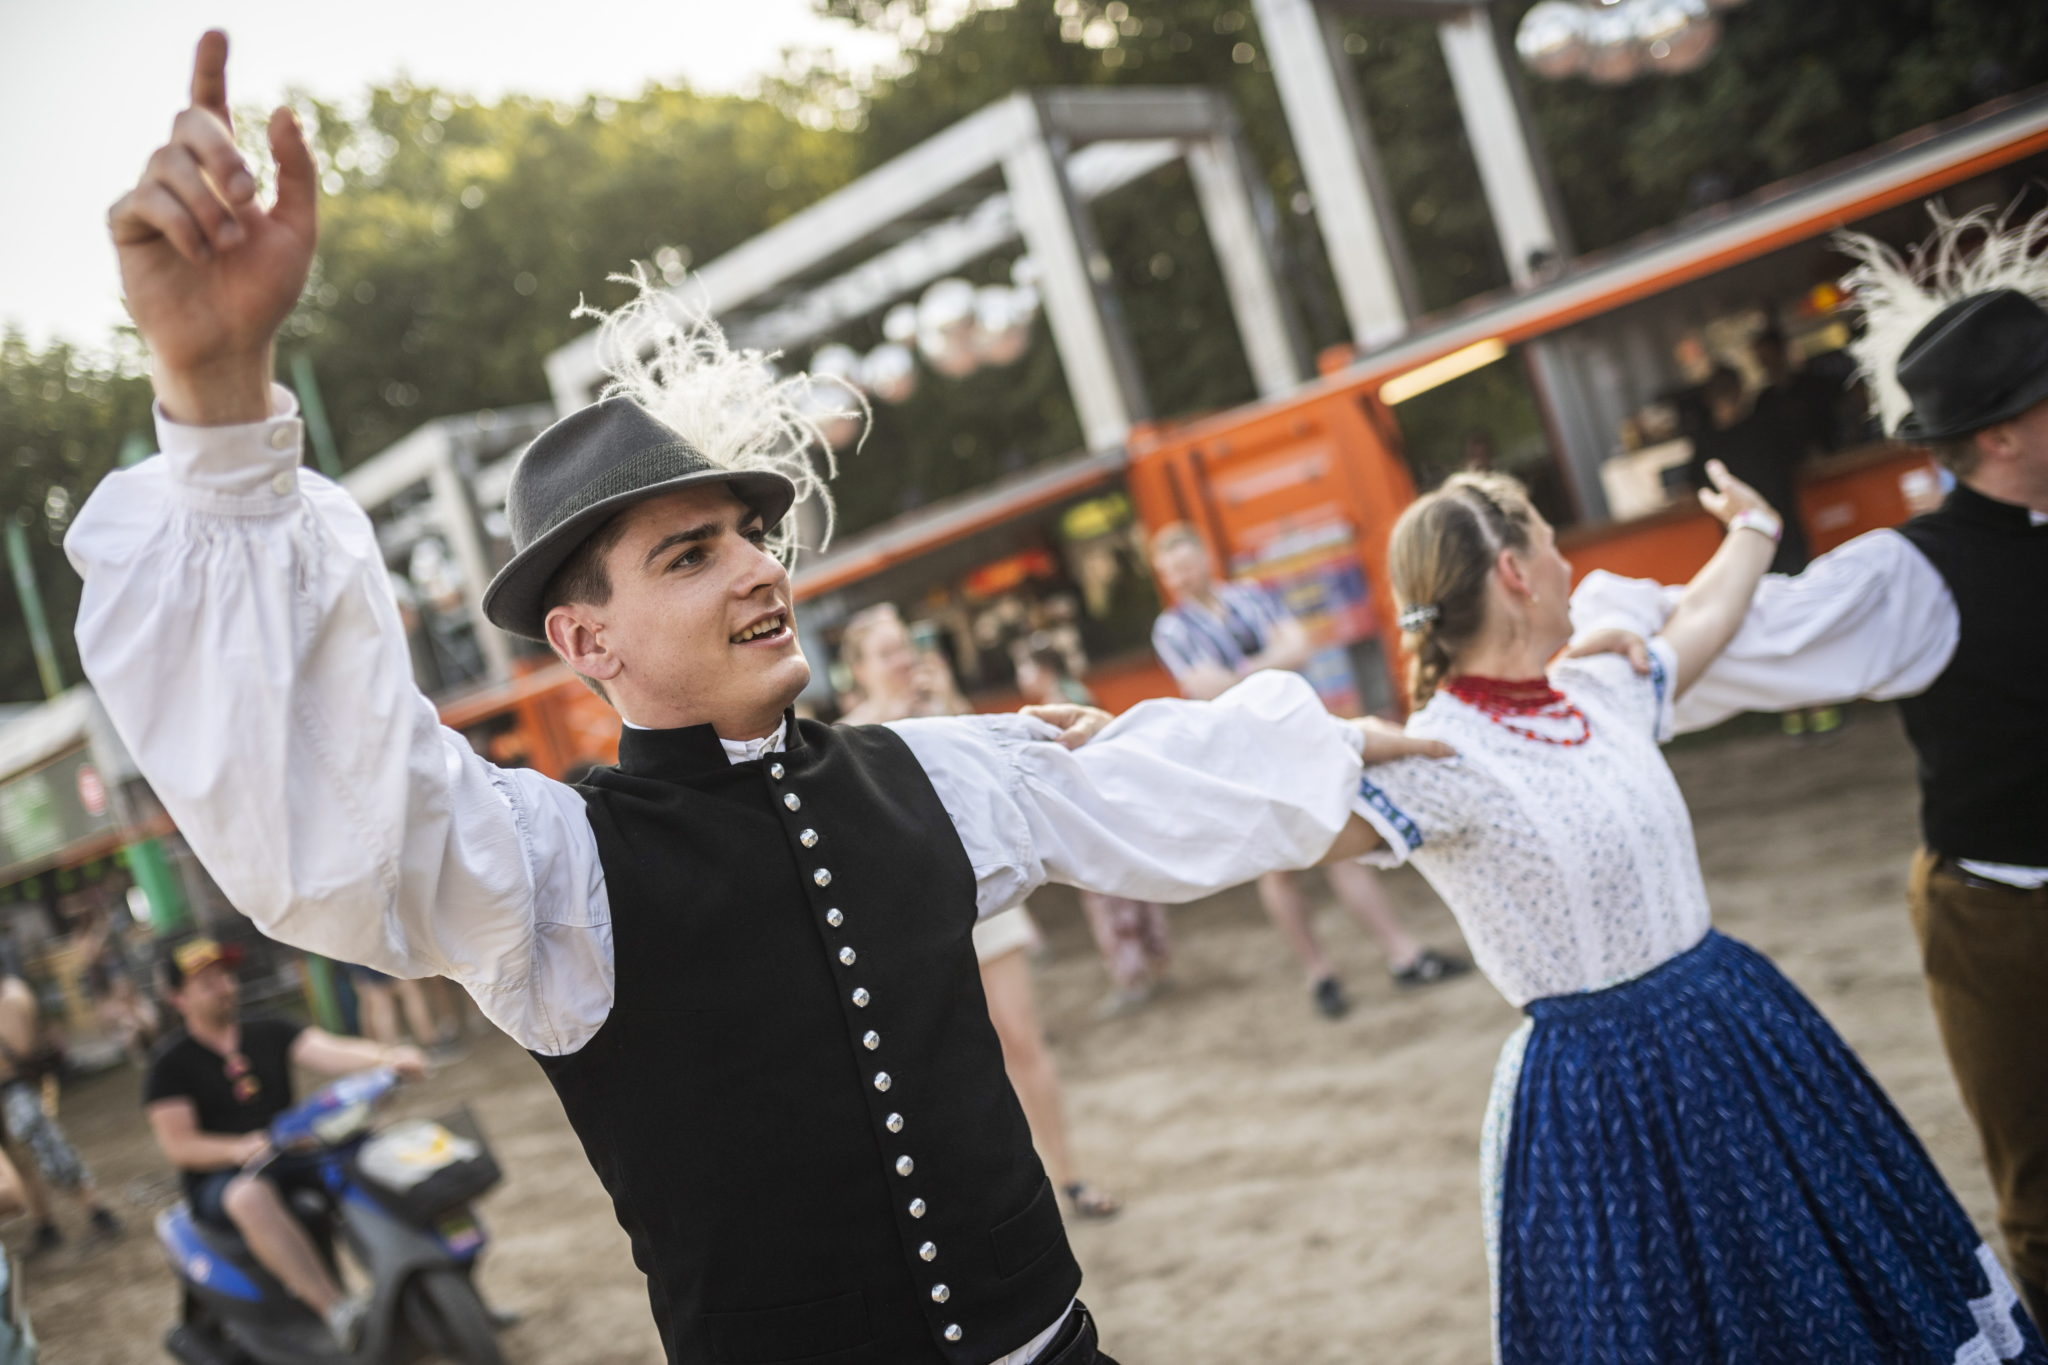 Węgry: tancerze ludowi występują na festiwalu Sziget w Budapeszcie. To jeden z największych festiwali kulturalnych na świecie: oferuje wystawy sztuki, przedstawienia teatralne i cyrkowe, a przede wszystkim koncerty muzyczne. Trwa 7 dni, fot. MARTON MONUS, PAP/EPA